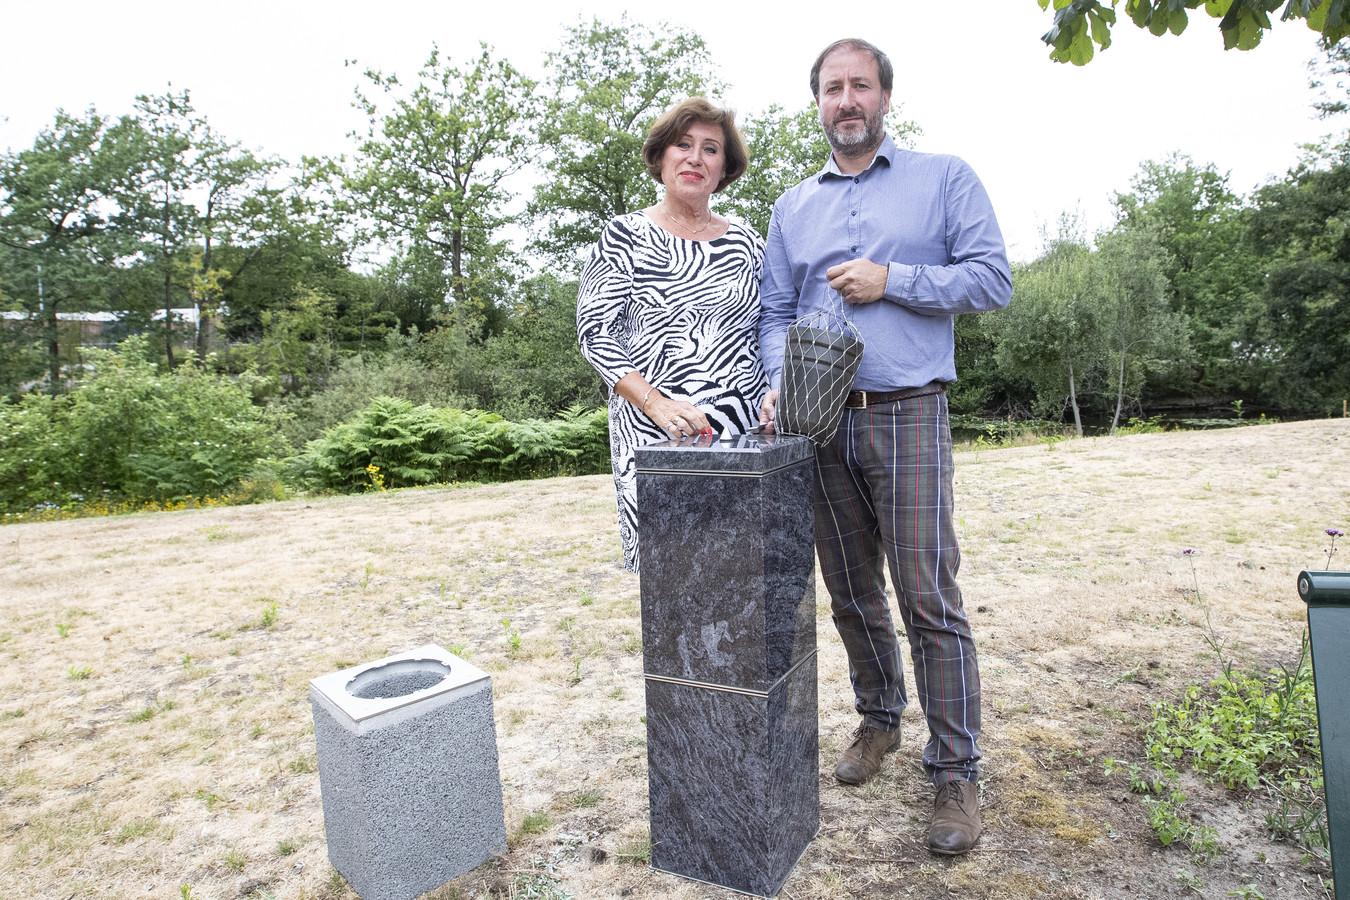 Rita Kofman en Stefan Leeder bij de urnenzuilen. Het betonnen exemplaar links is voor onder de grond.